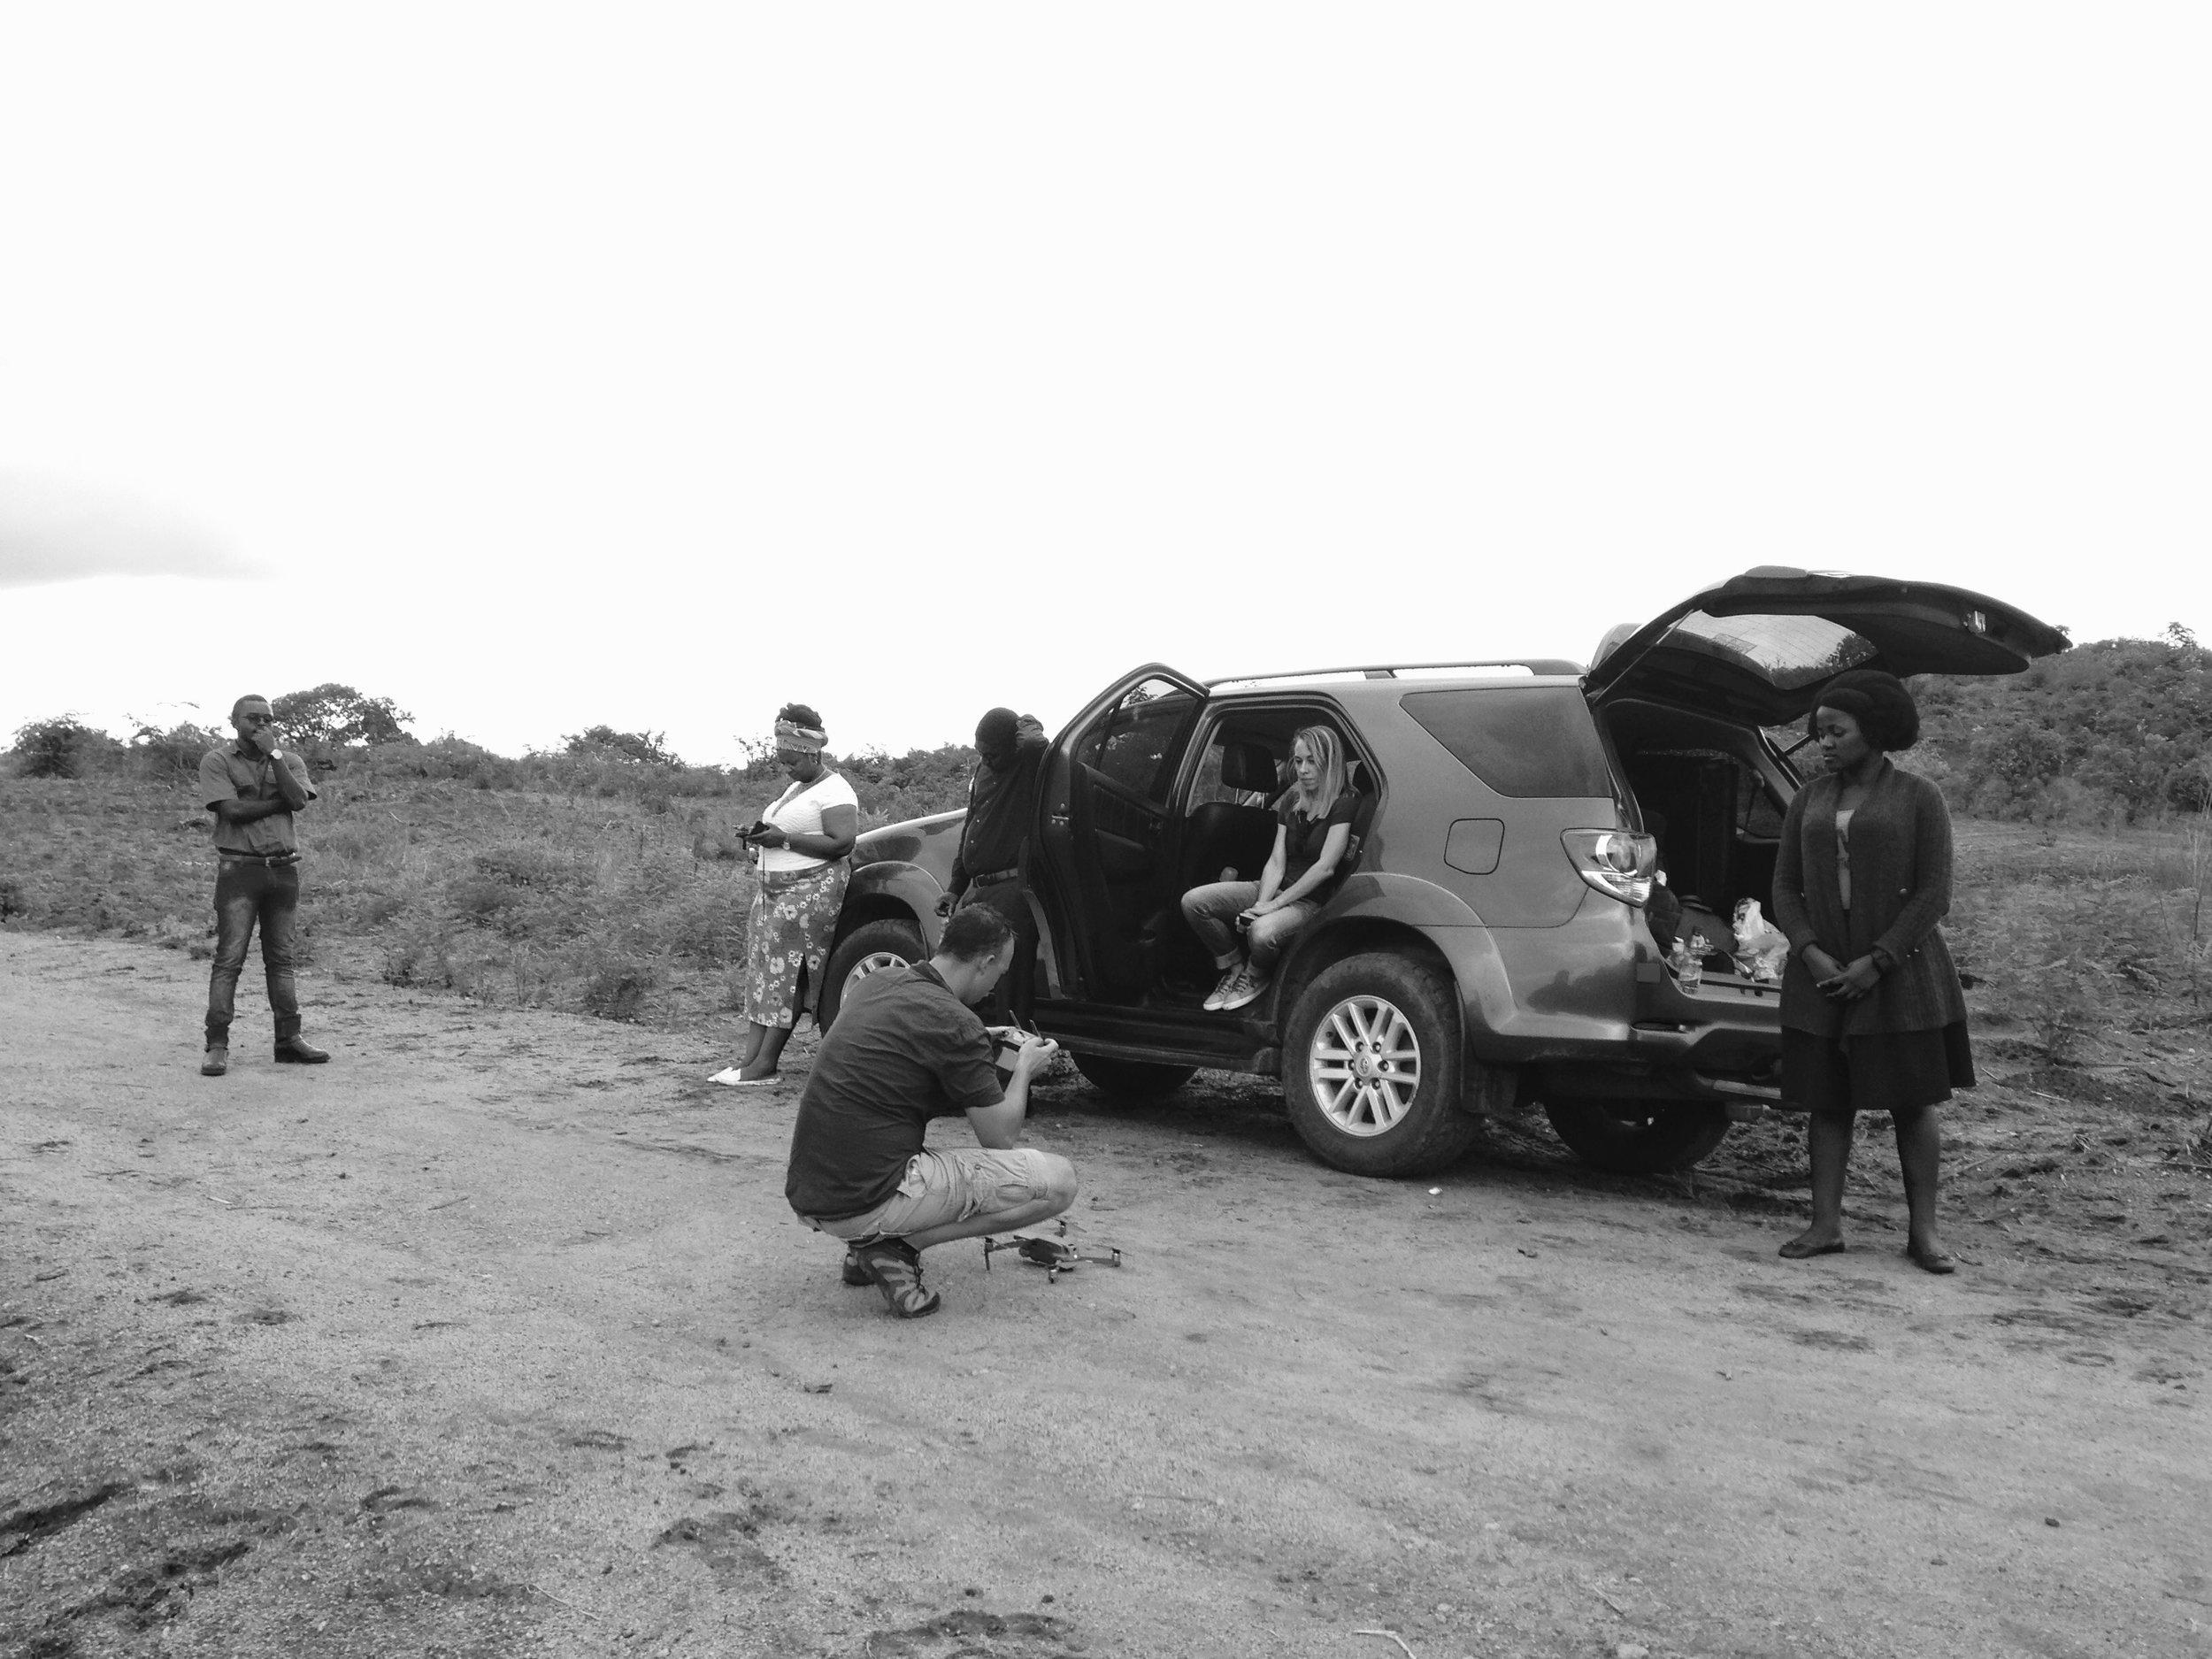 181219_OF-Malawi_BTS 3.jpg